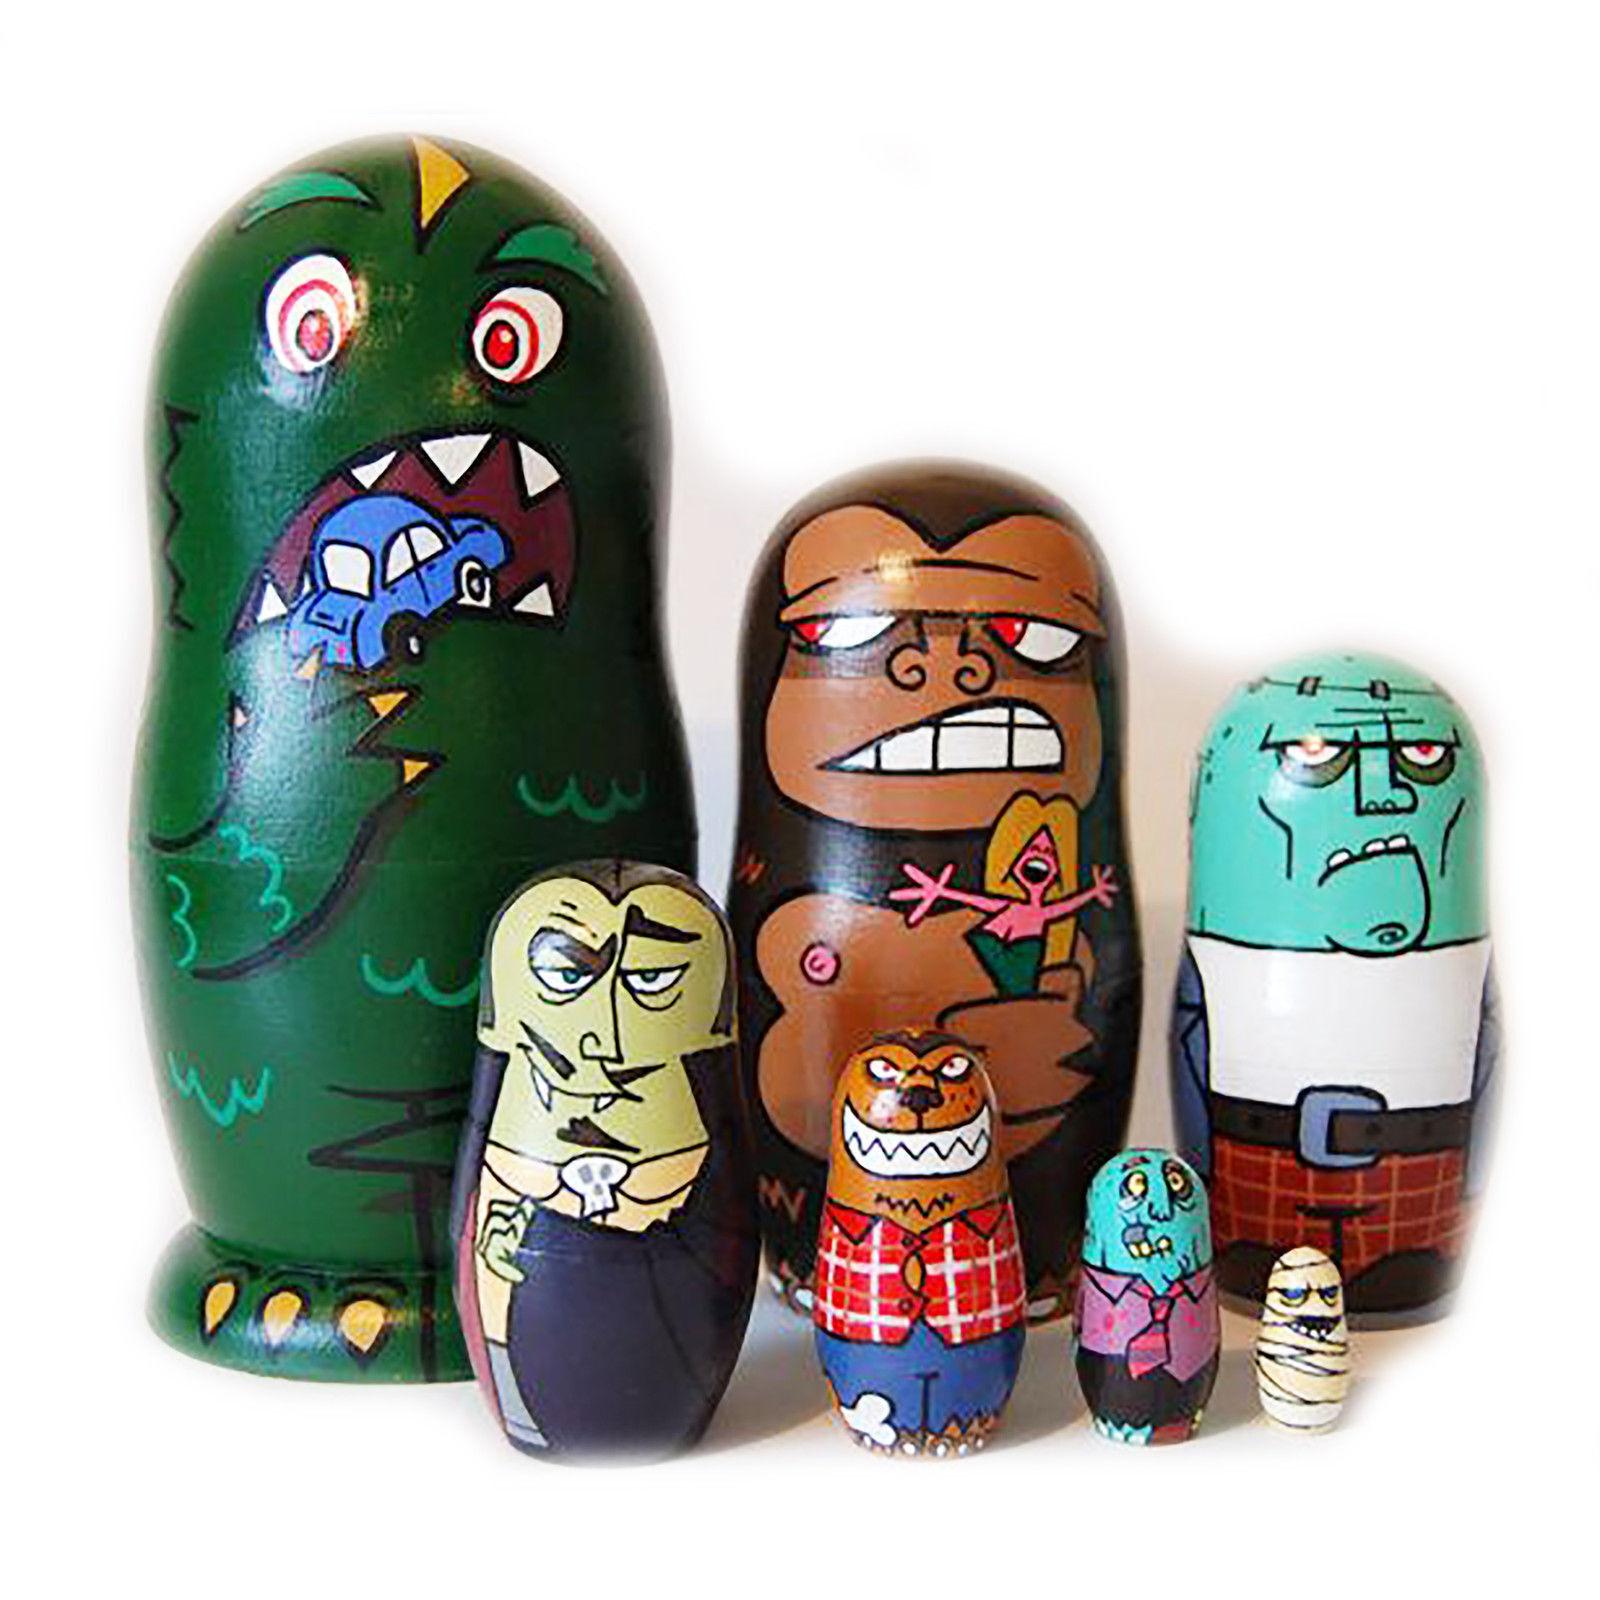 Nesting Dolls monstruos de películas terror. firmado Pintado a mano matrioskas Moderno